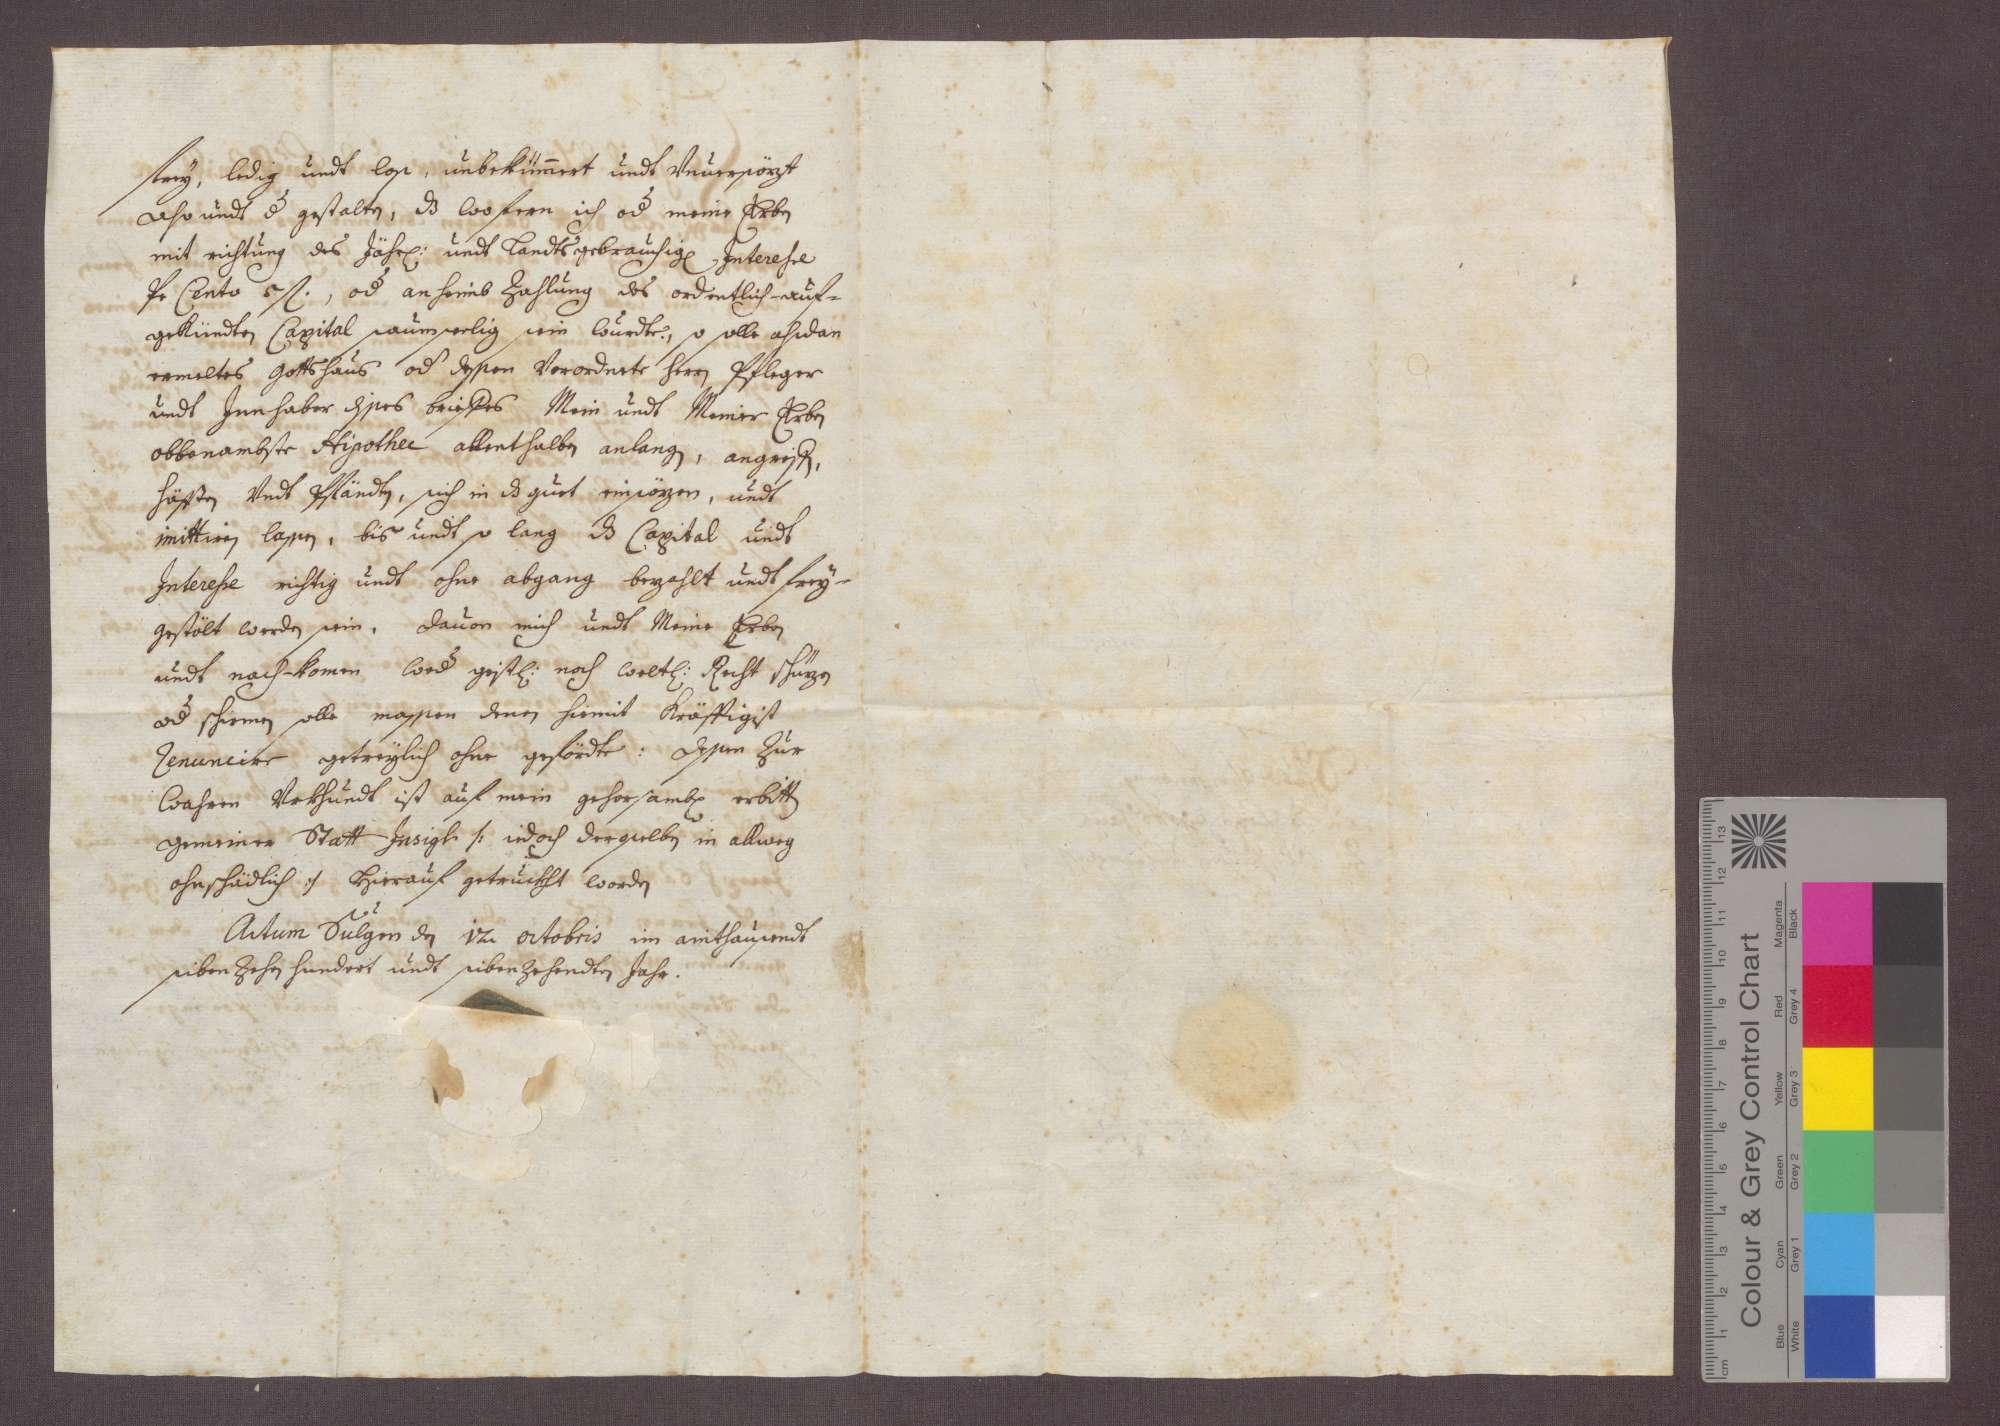 Jakob Störck, Hufschmied zu Saulgau, verschreibt sich gegenüber dem Gotteshaus zu Altshausen wegen 50 Gulden Kapital zu 5 Prozent Zins und setzt 2 Juchart Äcker zu Unterpfand., Bild 2